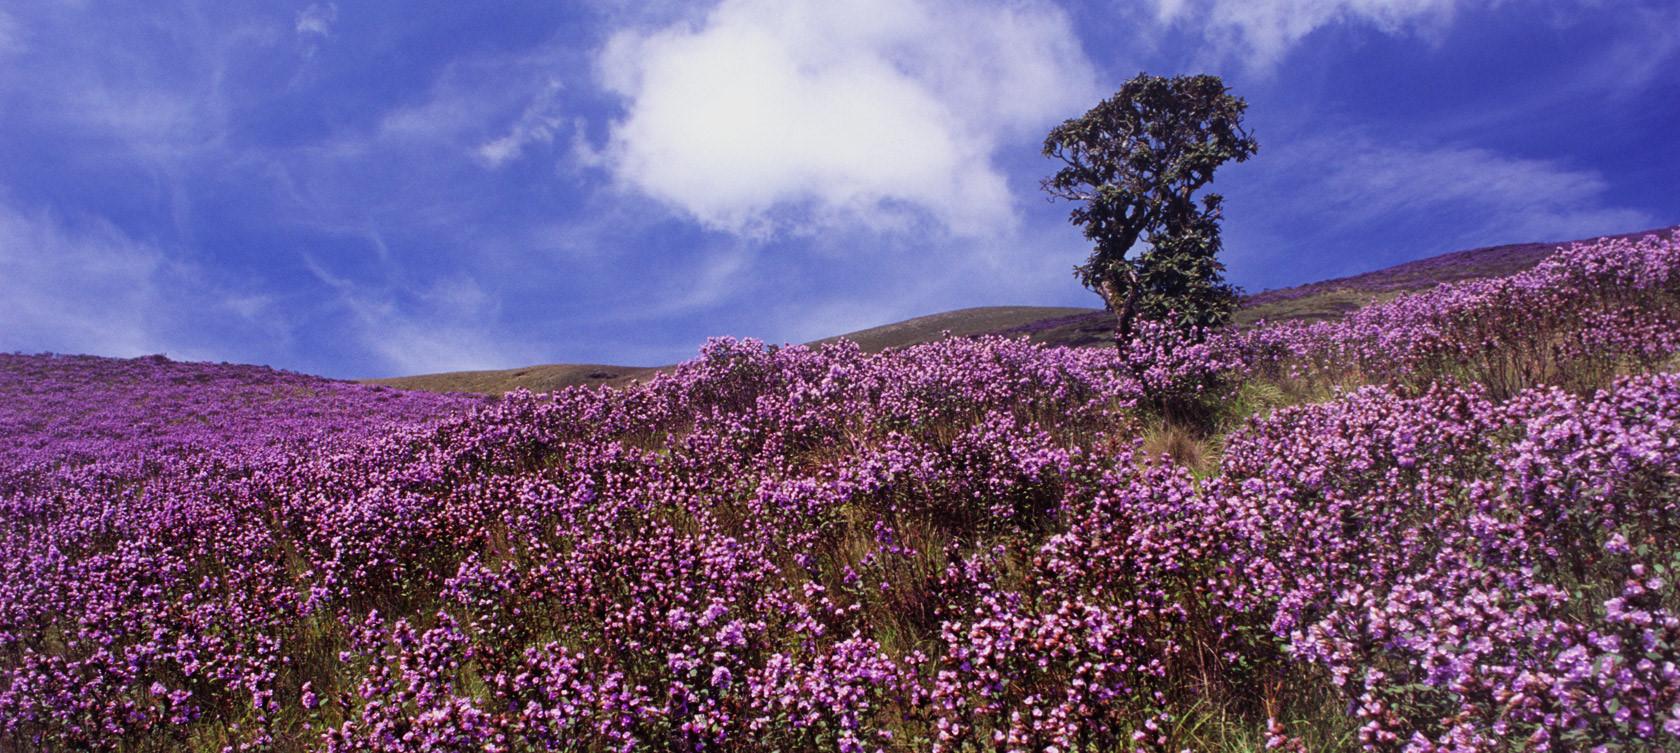 Thung lũng ngập màu tím biếc của sắc hoa 12 năm nở một lần Ảnh 9